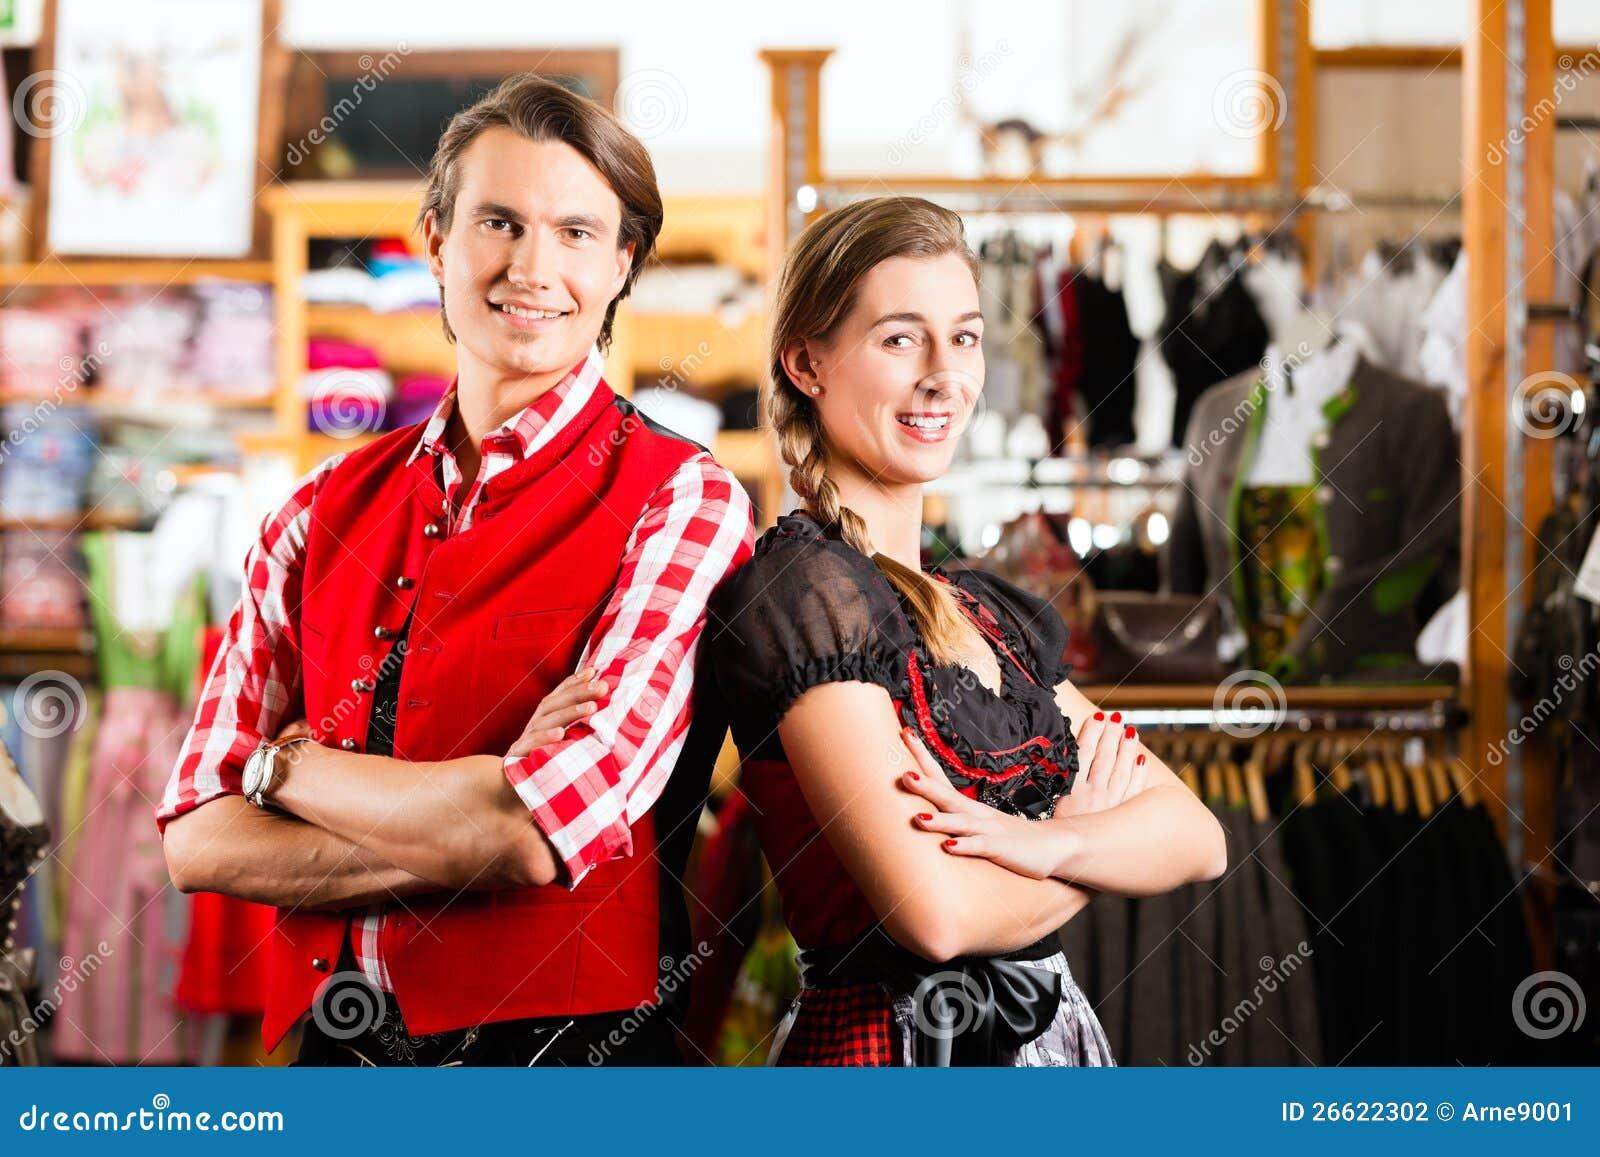 Paret försöker dirndlen eller Lederhosen i en shoppa